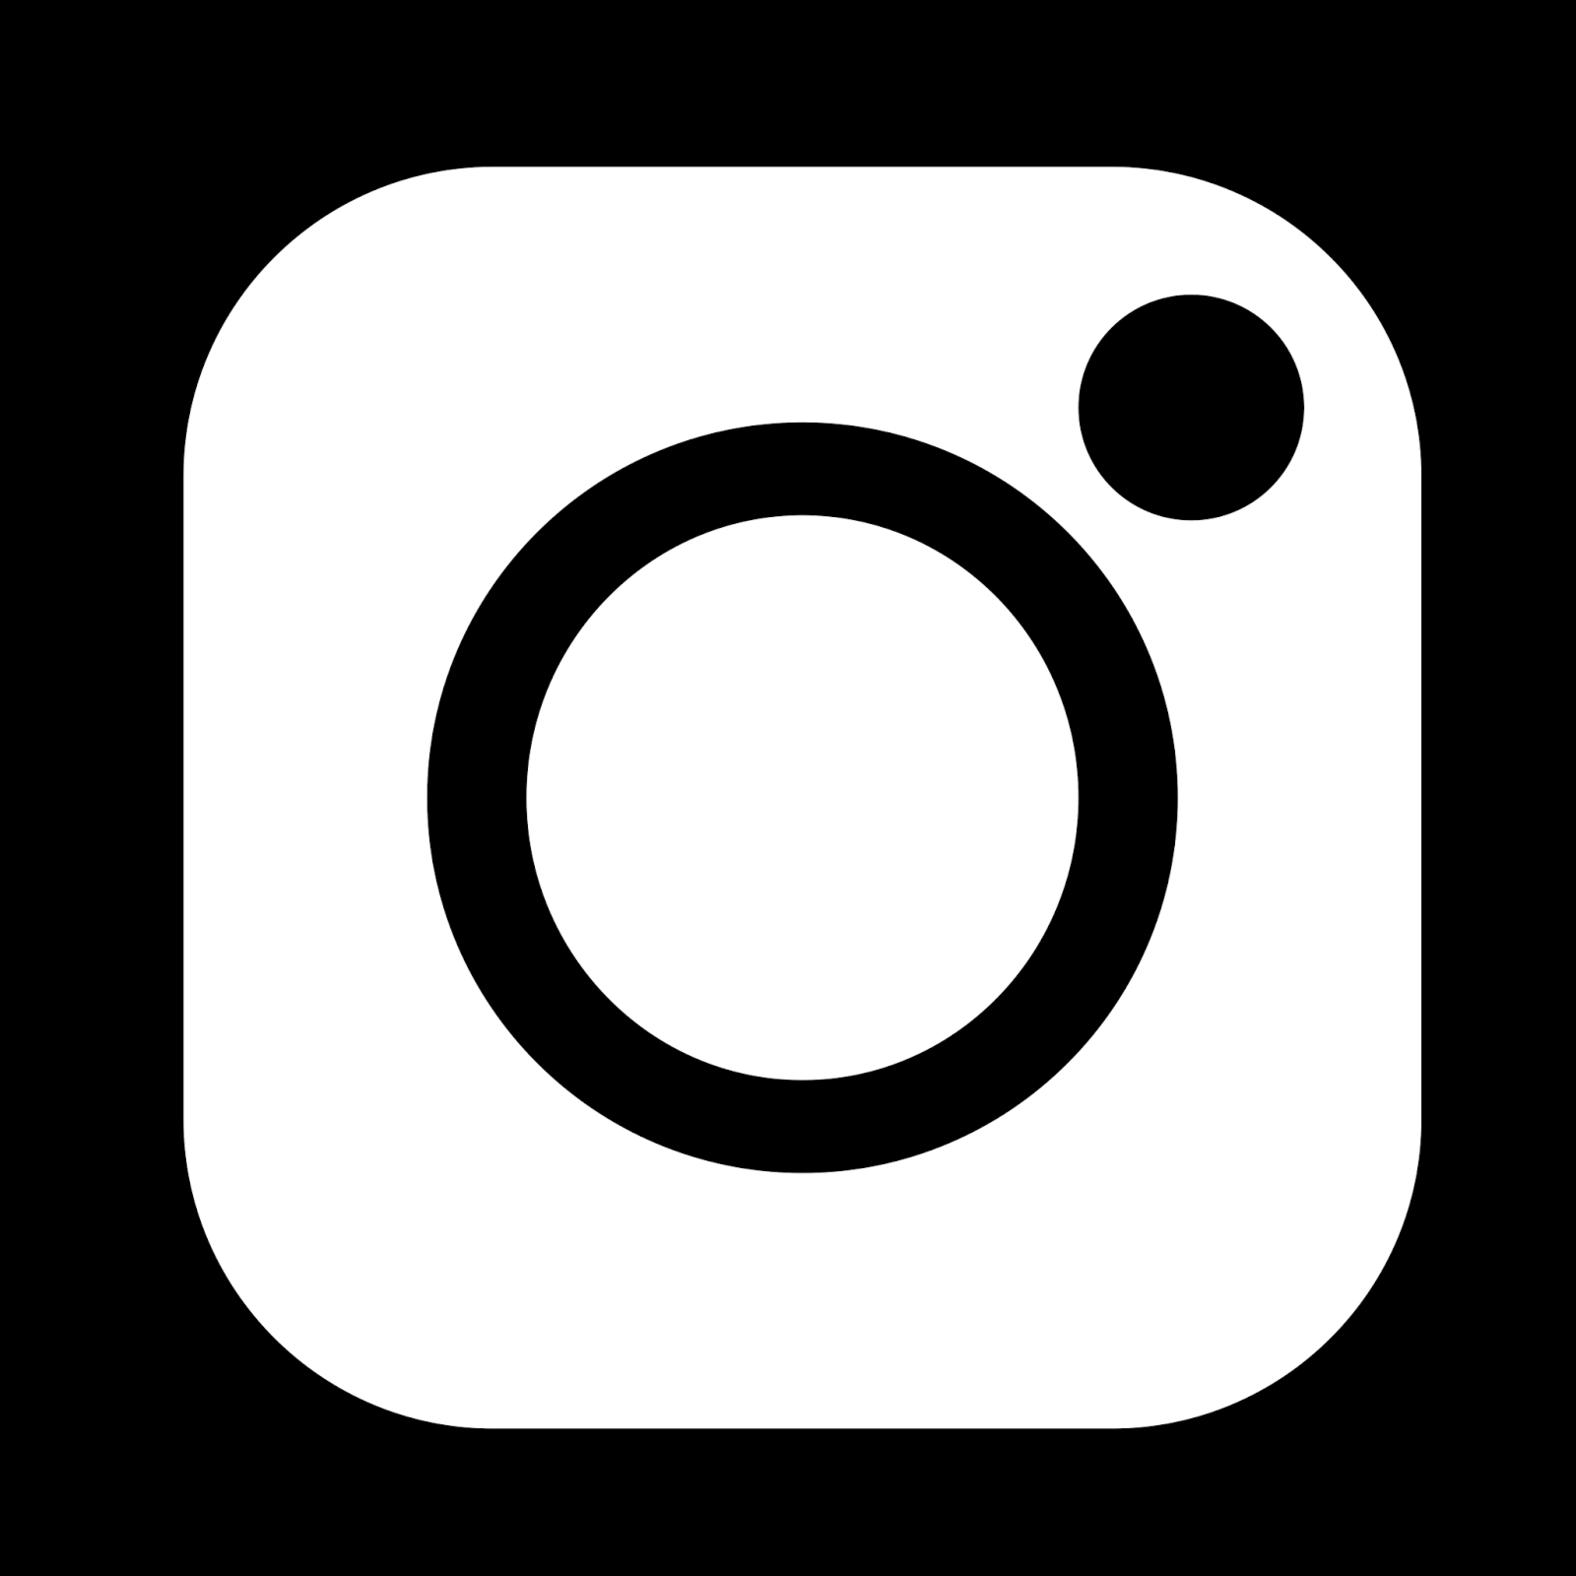 intagram logo